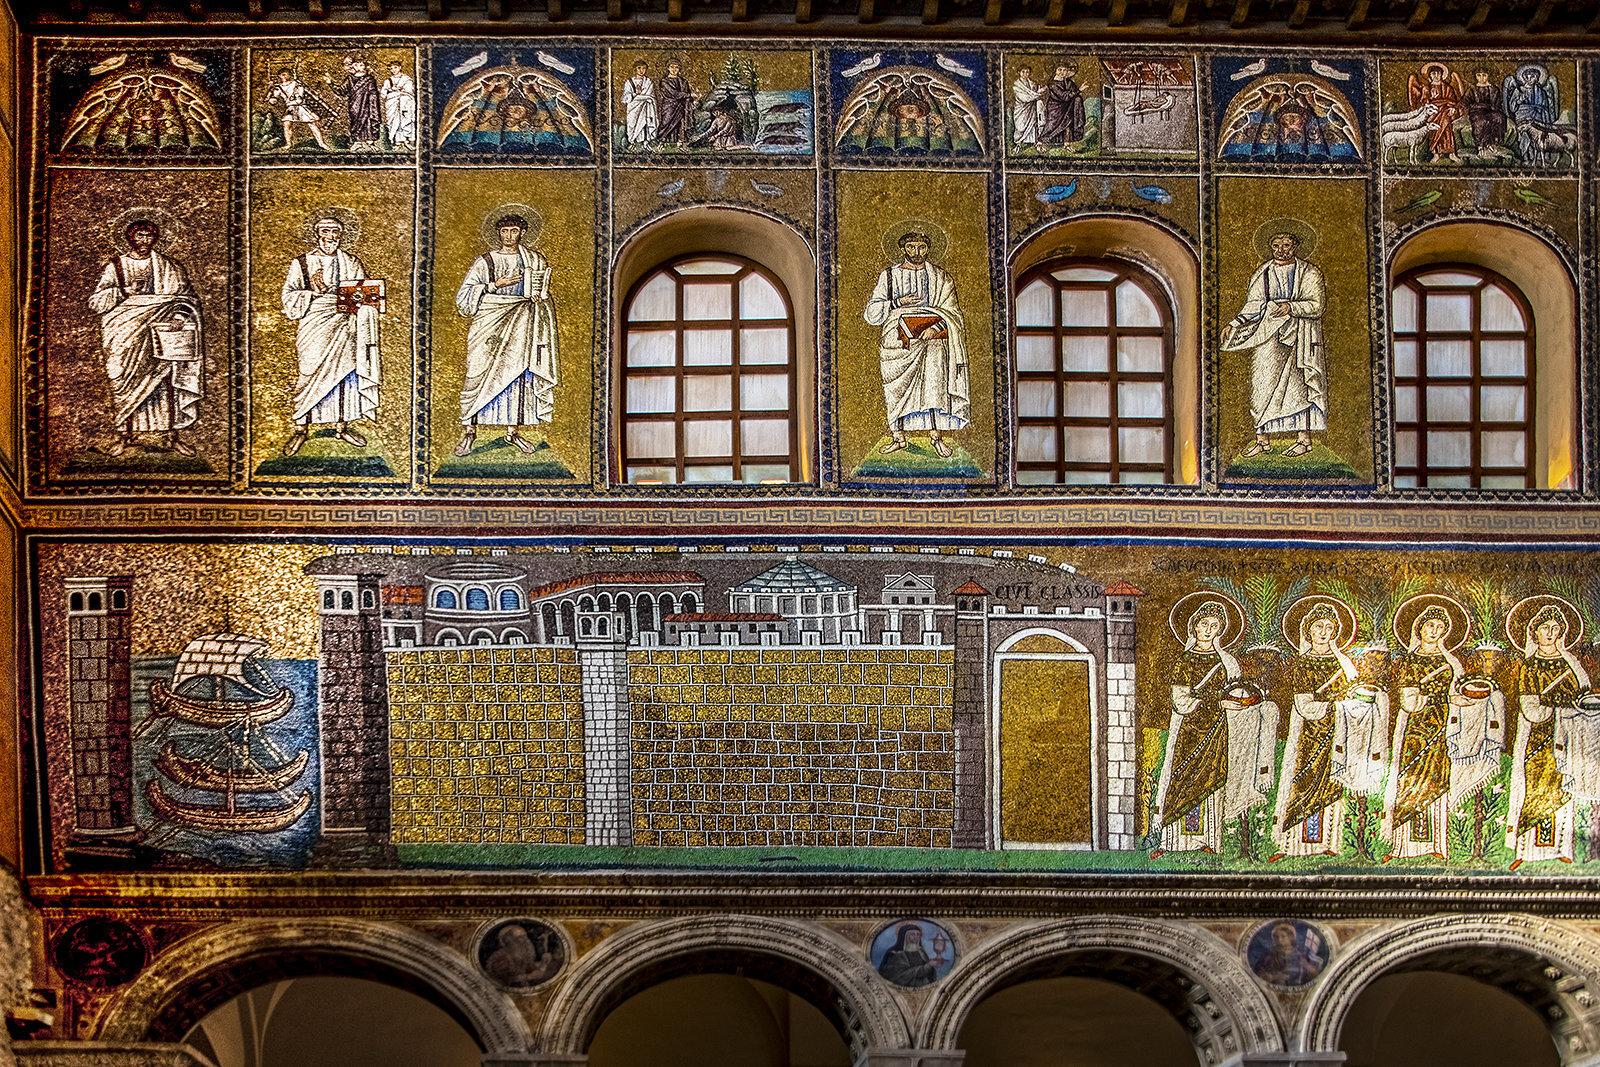 4-...parete Sin...nella Fascia Bassa La Città Di Classe E Il Suo Porto... Apolinnare Nuovo Ravenna